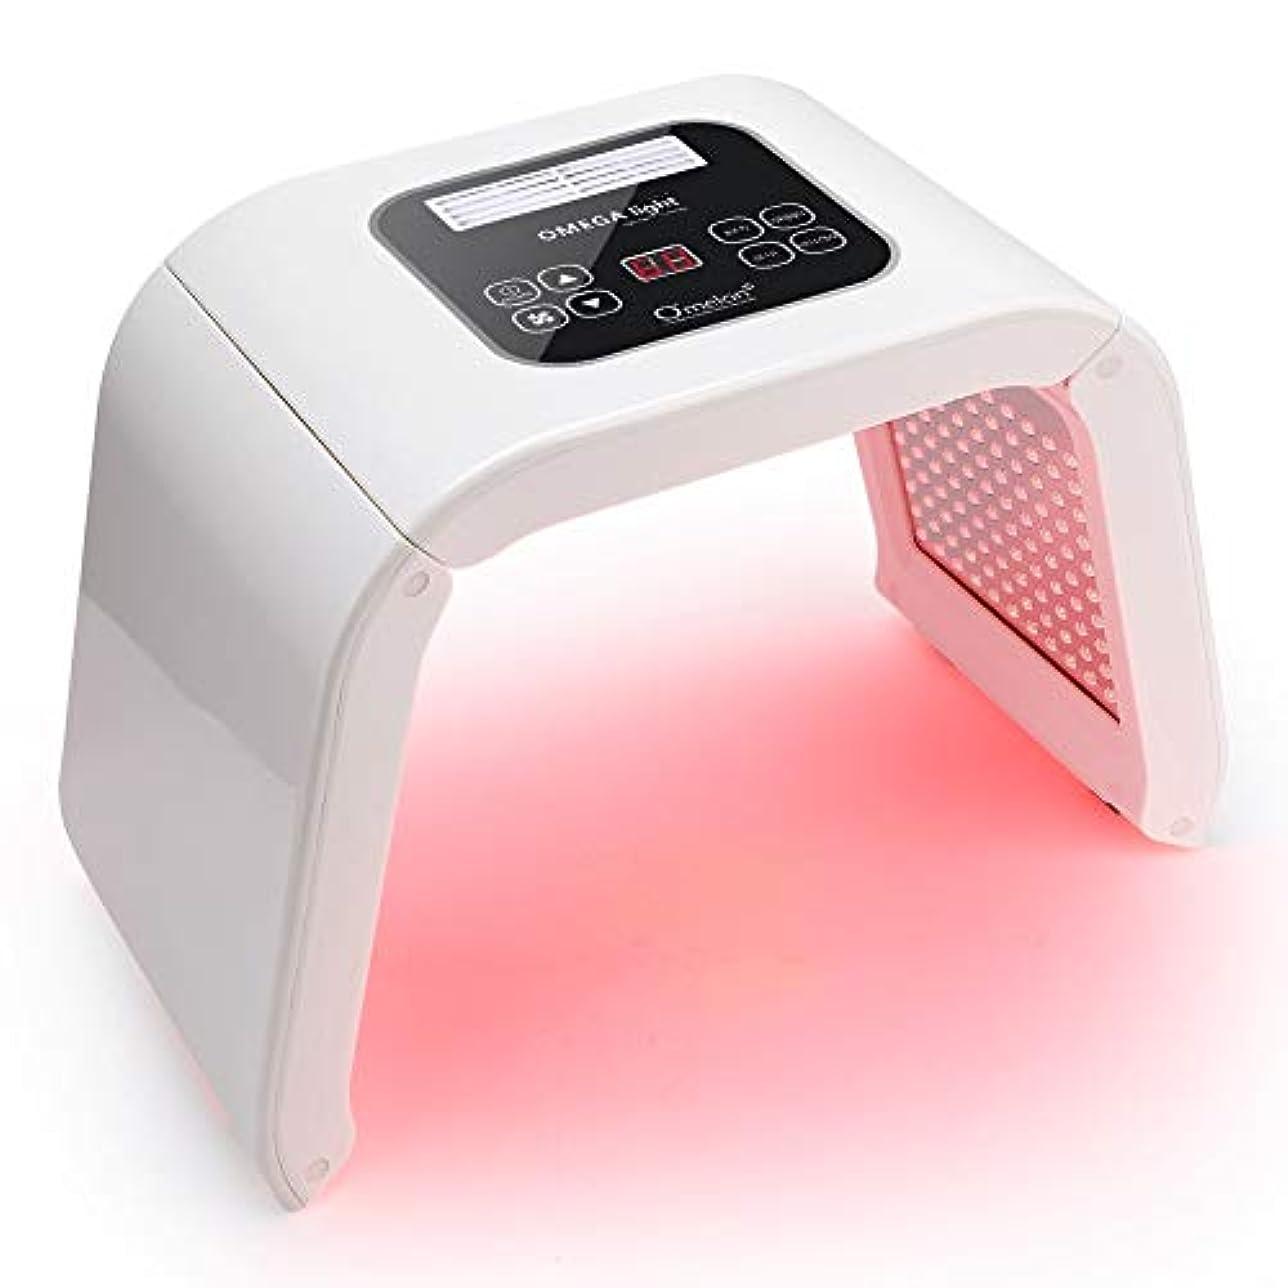 忘れる自発ツーリストにきび治療LEDスキンケアツール、7色PDT LEDライト美容しわ除去フェイスケアマシン改善しわ(US Plug)